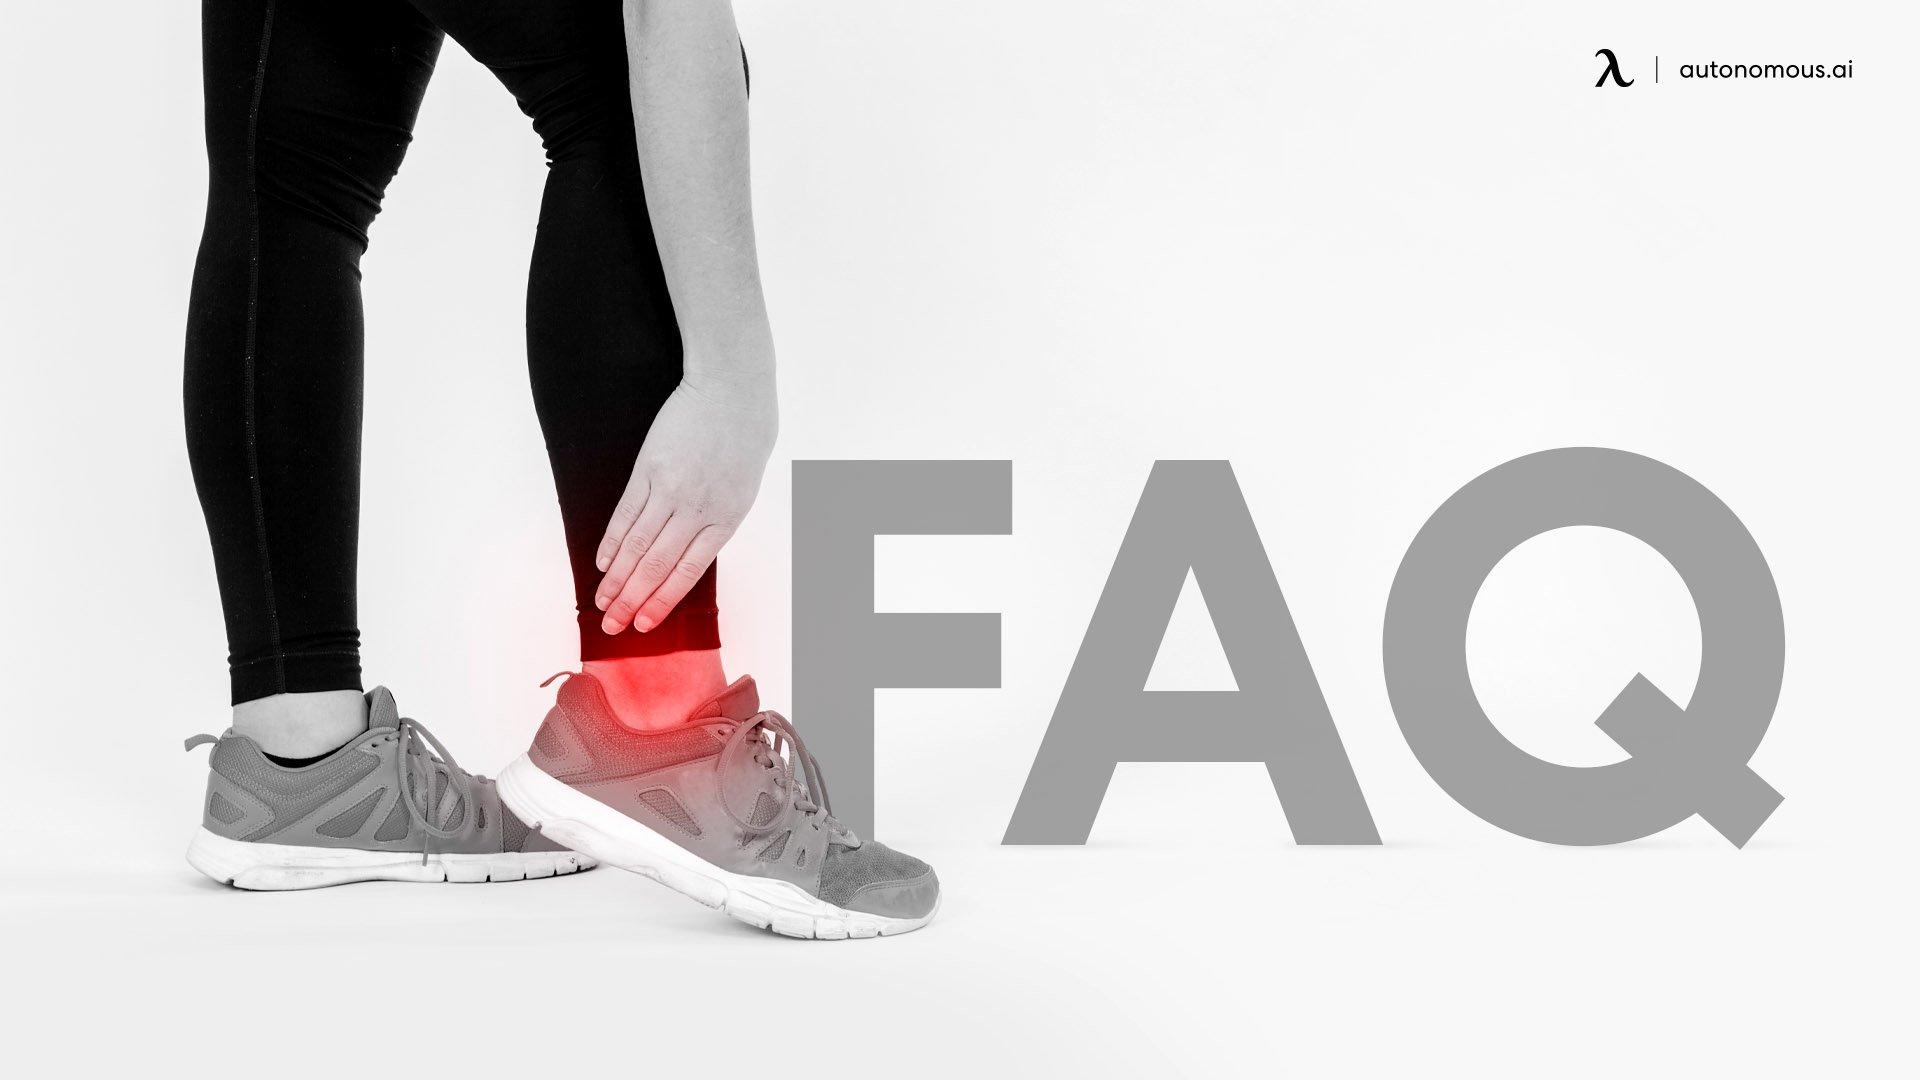 FAQ ergonomic injuries